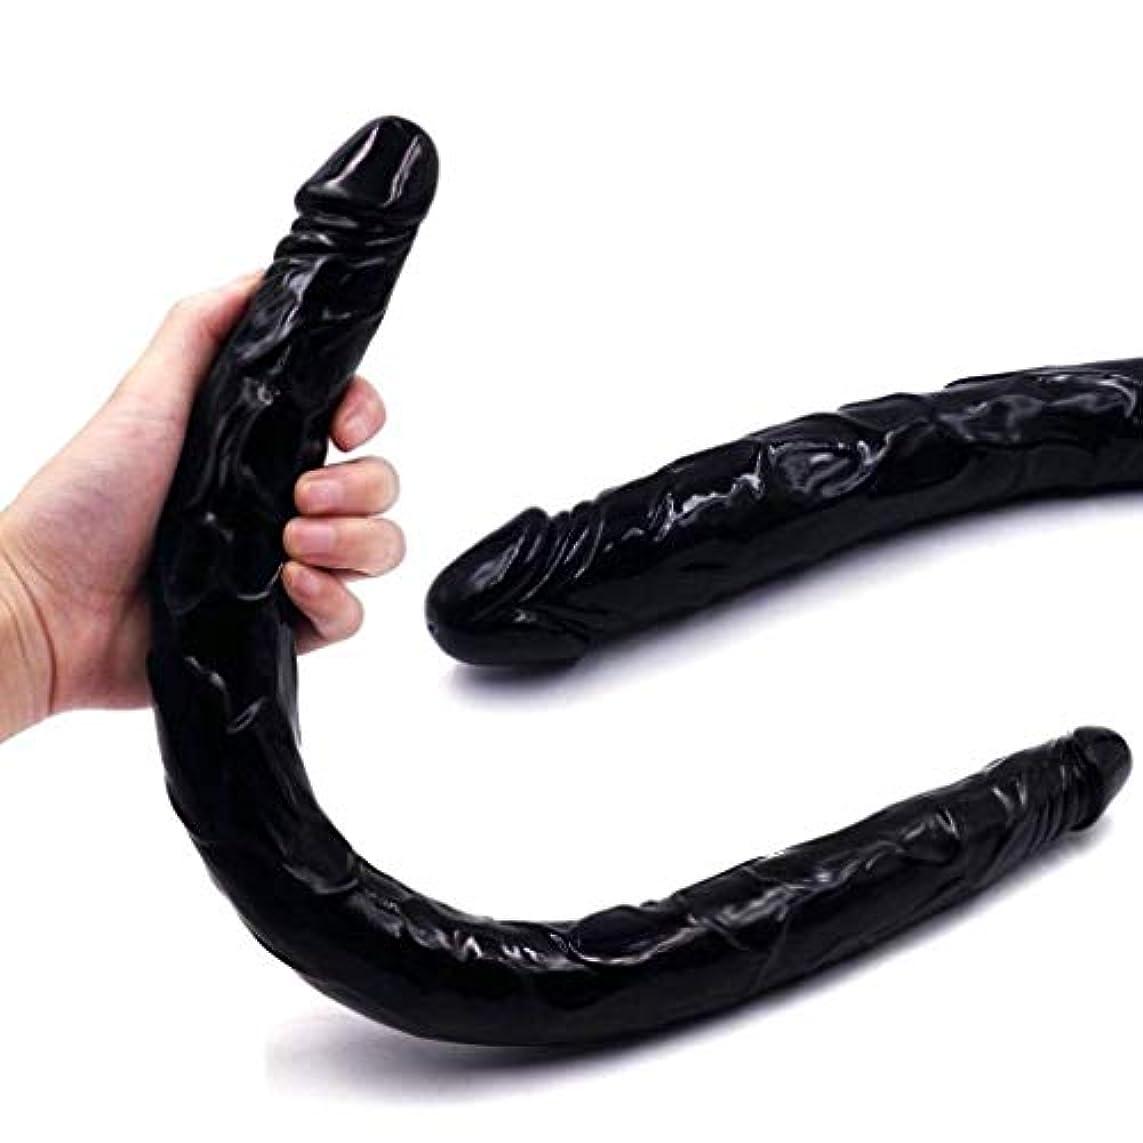 賠償中間活気づくRisareyi 女性の初心者のための3DのリアルなPenisのdi?doのおもちゃポリ塩化ビニール材料の口頭おもちゃ (Color : Flesh)